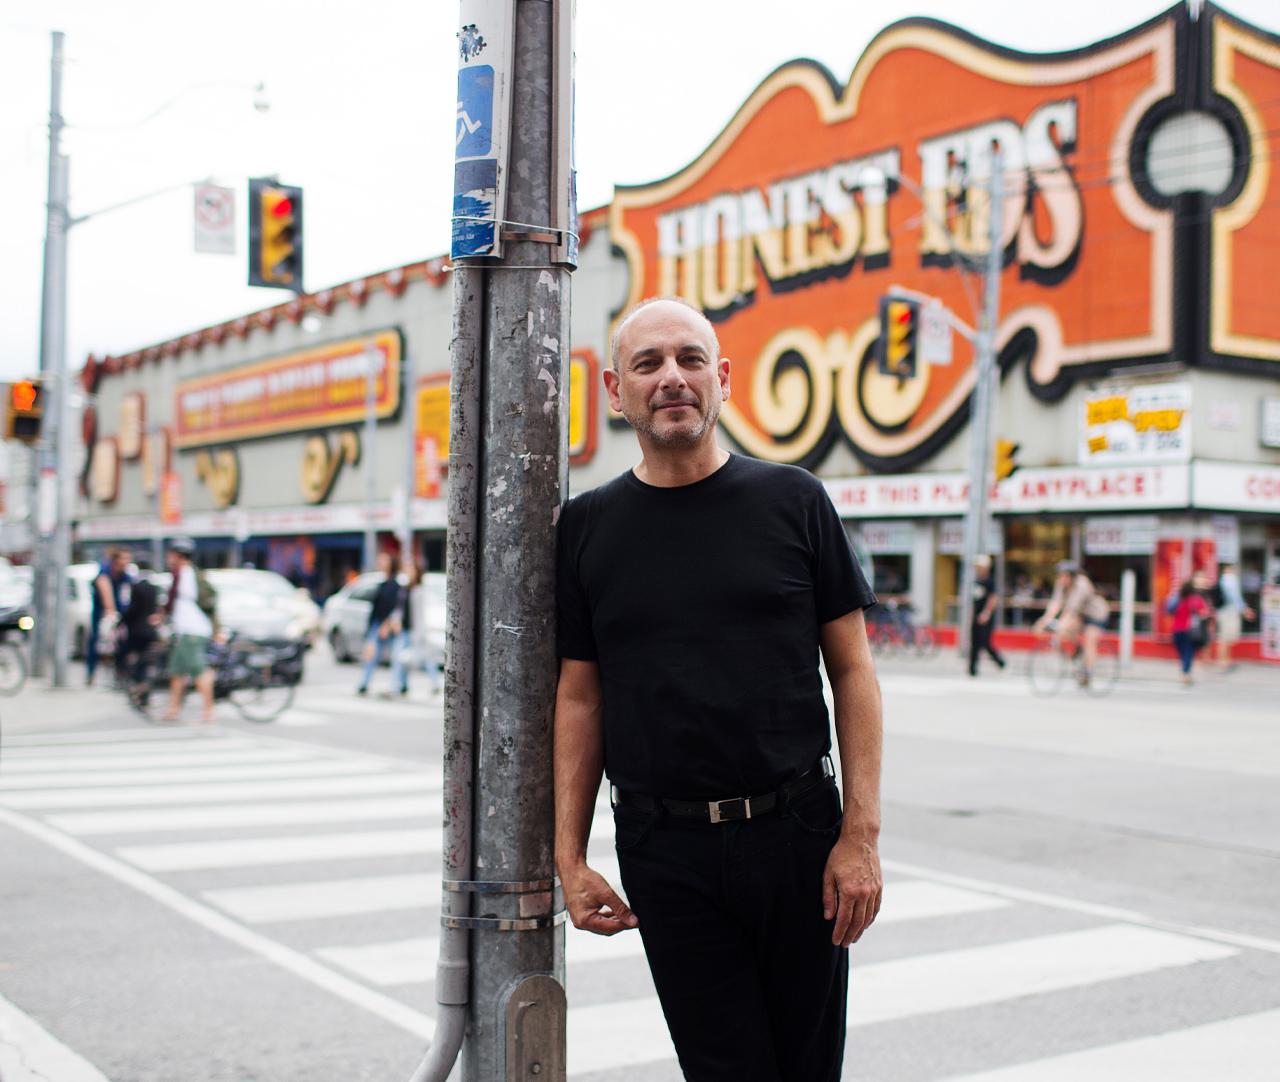 Gregory Henriquez photographed at Honest Ed's site.